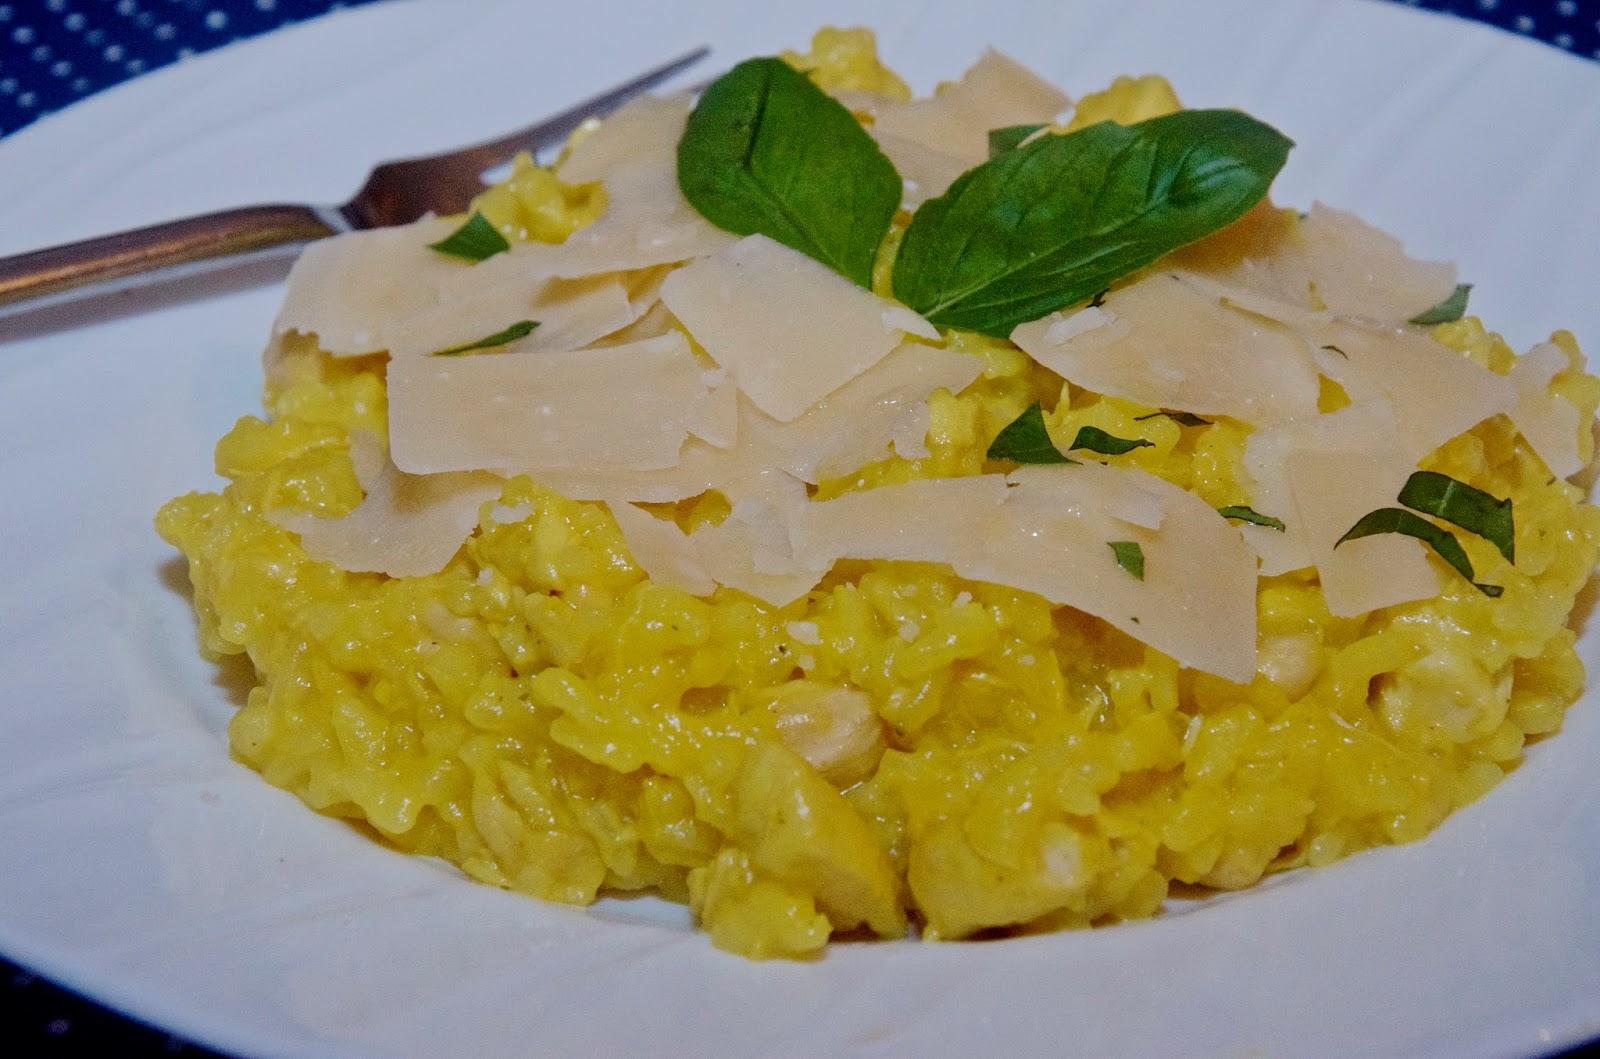 risotto, parmesan cheese and basil